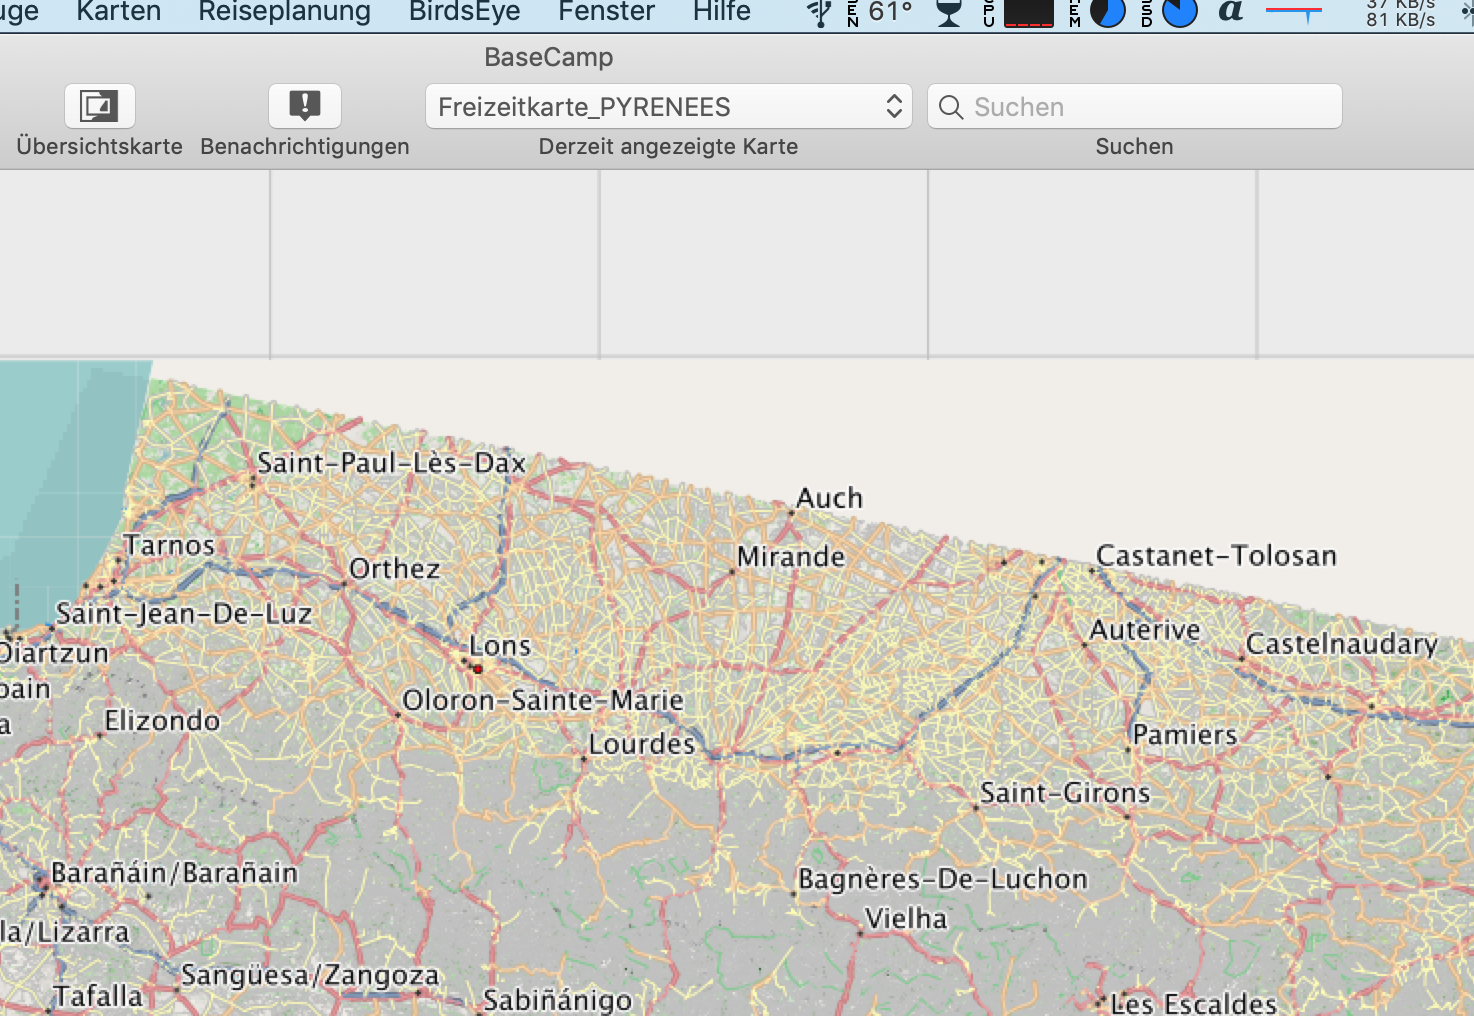 Kartenausschnitt in Basecamp der umgewandelten Karte